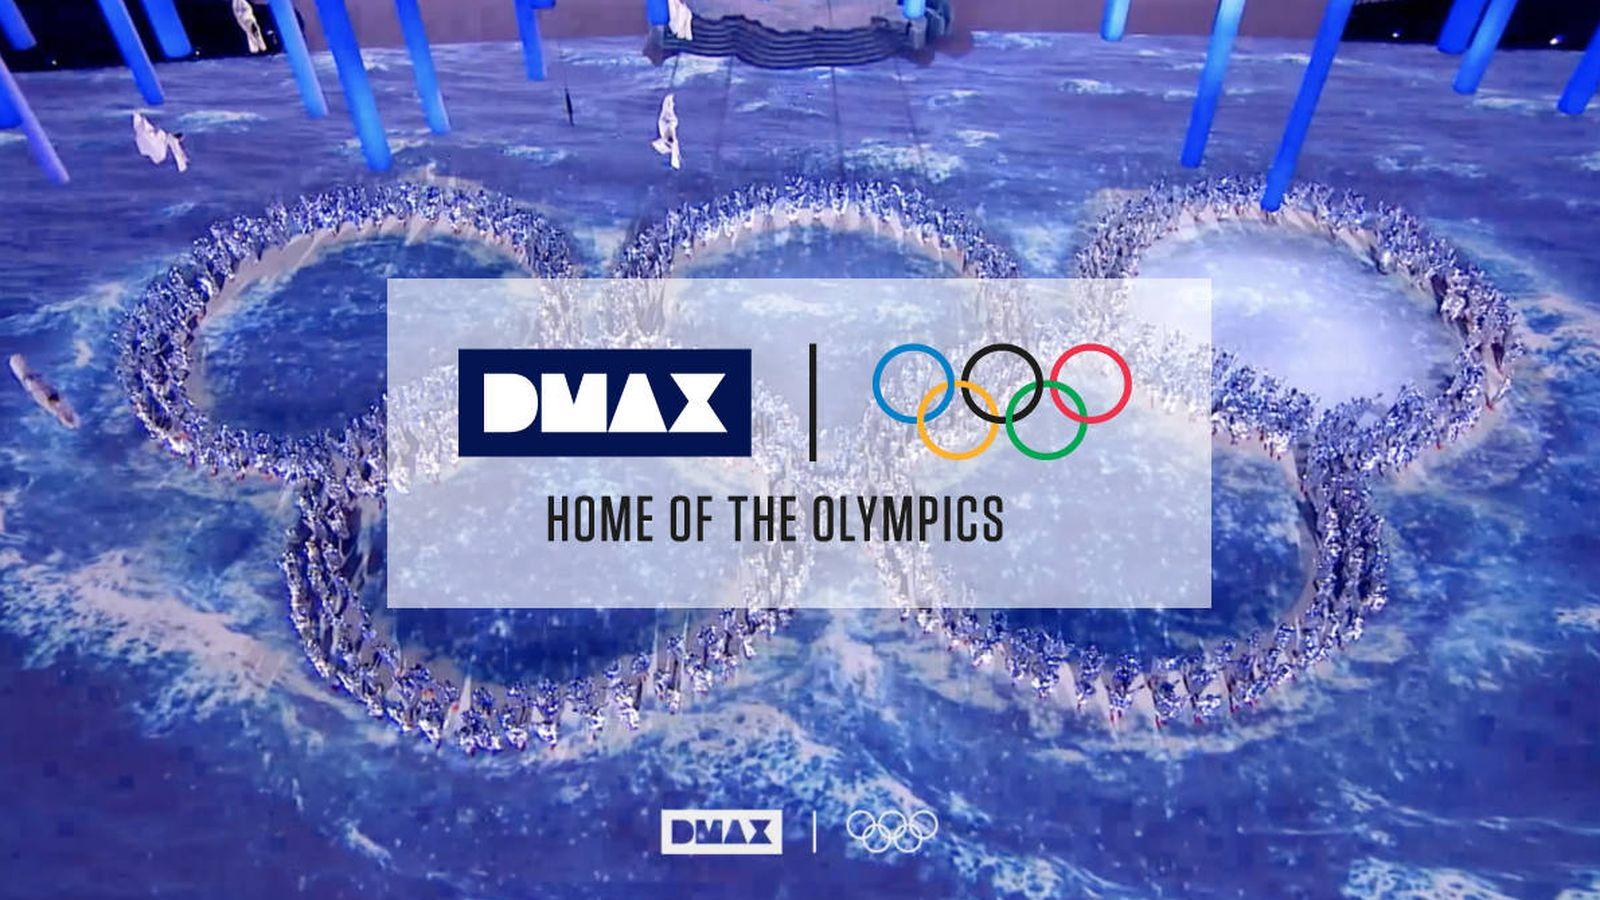 Dmax Emitira Los Juegos Olimpicos De Invierno De Pyeongchang 2018